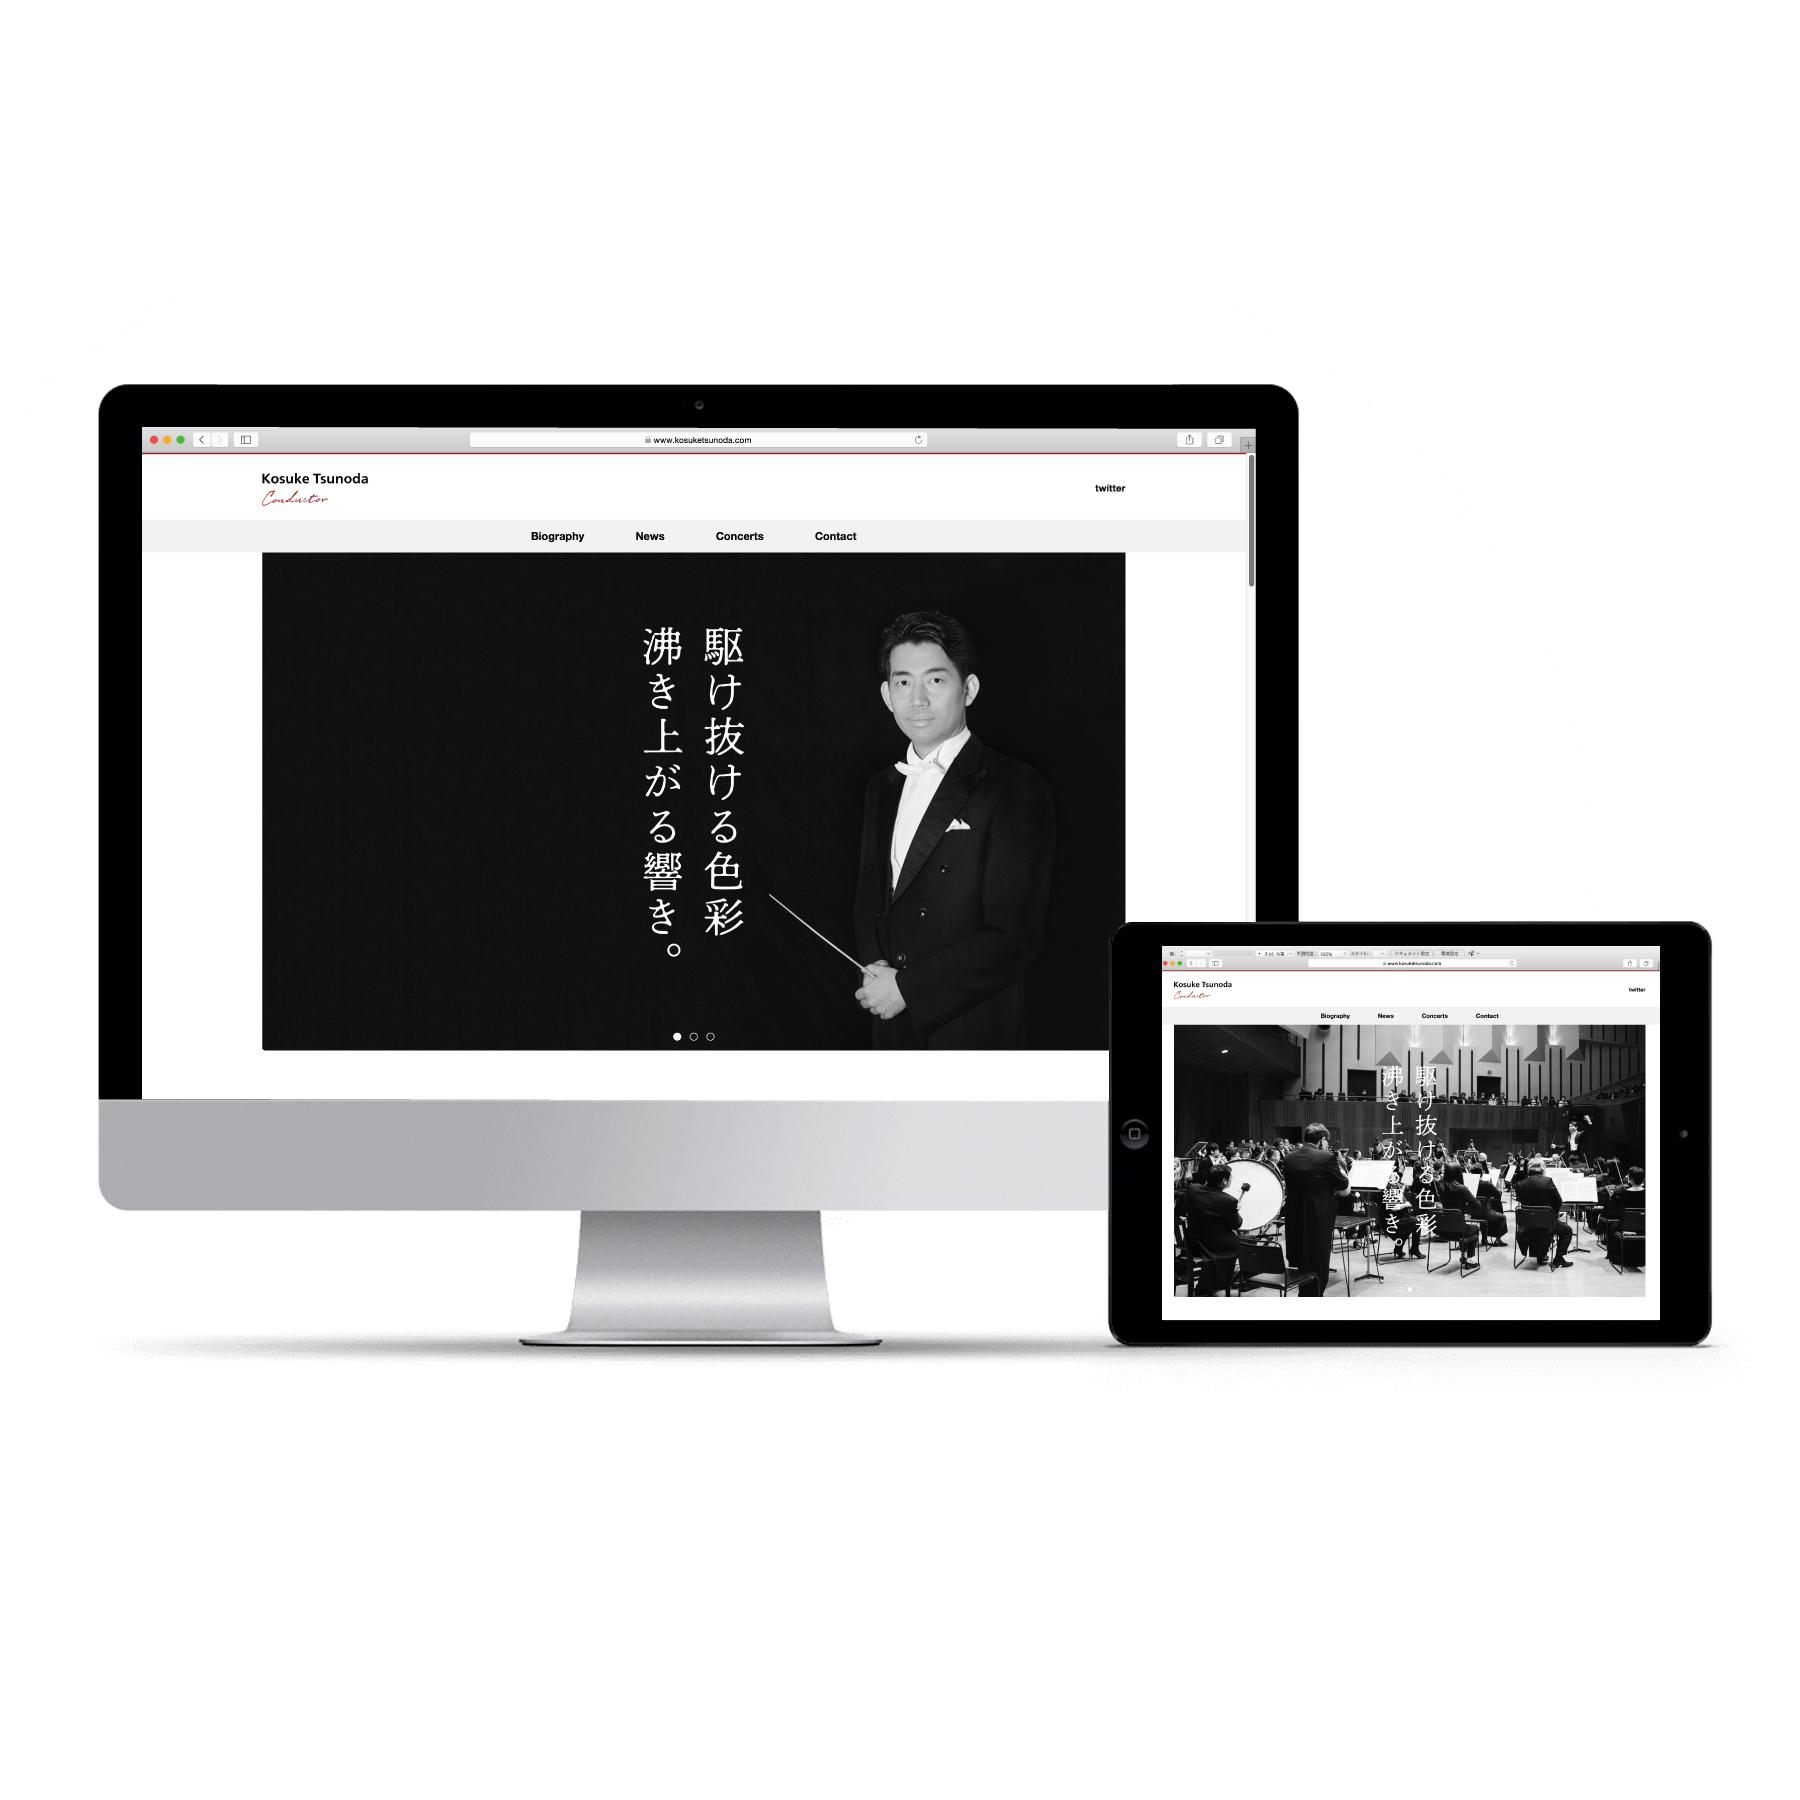 指揮者 角田鋼亮 - Conductor, Kosuke Tsunoda|ウェブデザイン ブランドデザイン|東京都